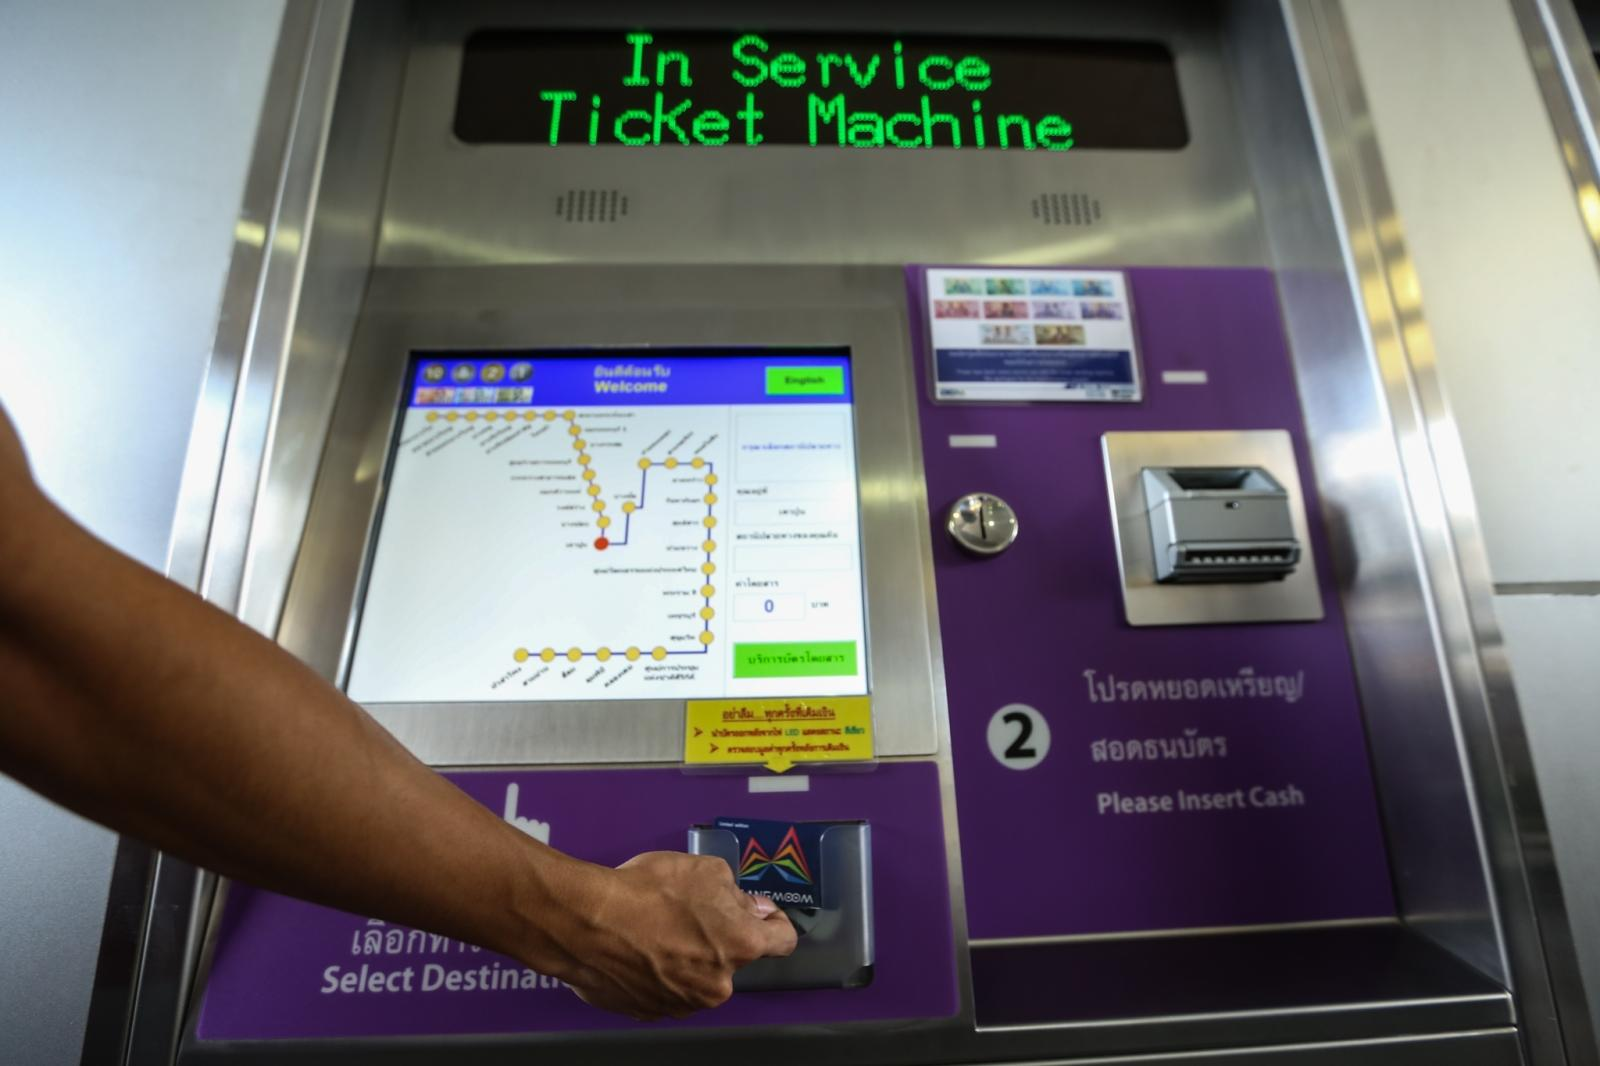 """ใช้ได้แล้ว!! """"ตั๋วร่วม"""" นำร่องรถไฟฟ้าใต้ดิน-สายสีม่วง 23 มิ.ย.นี้"""